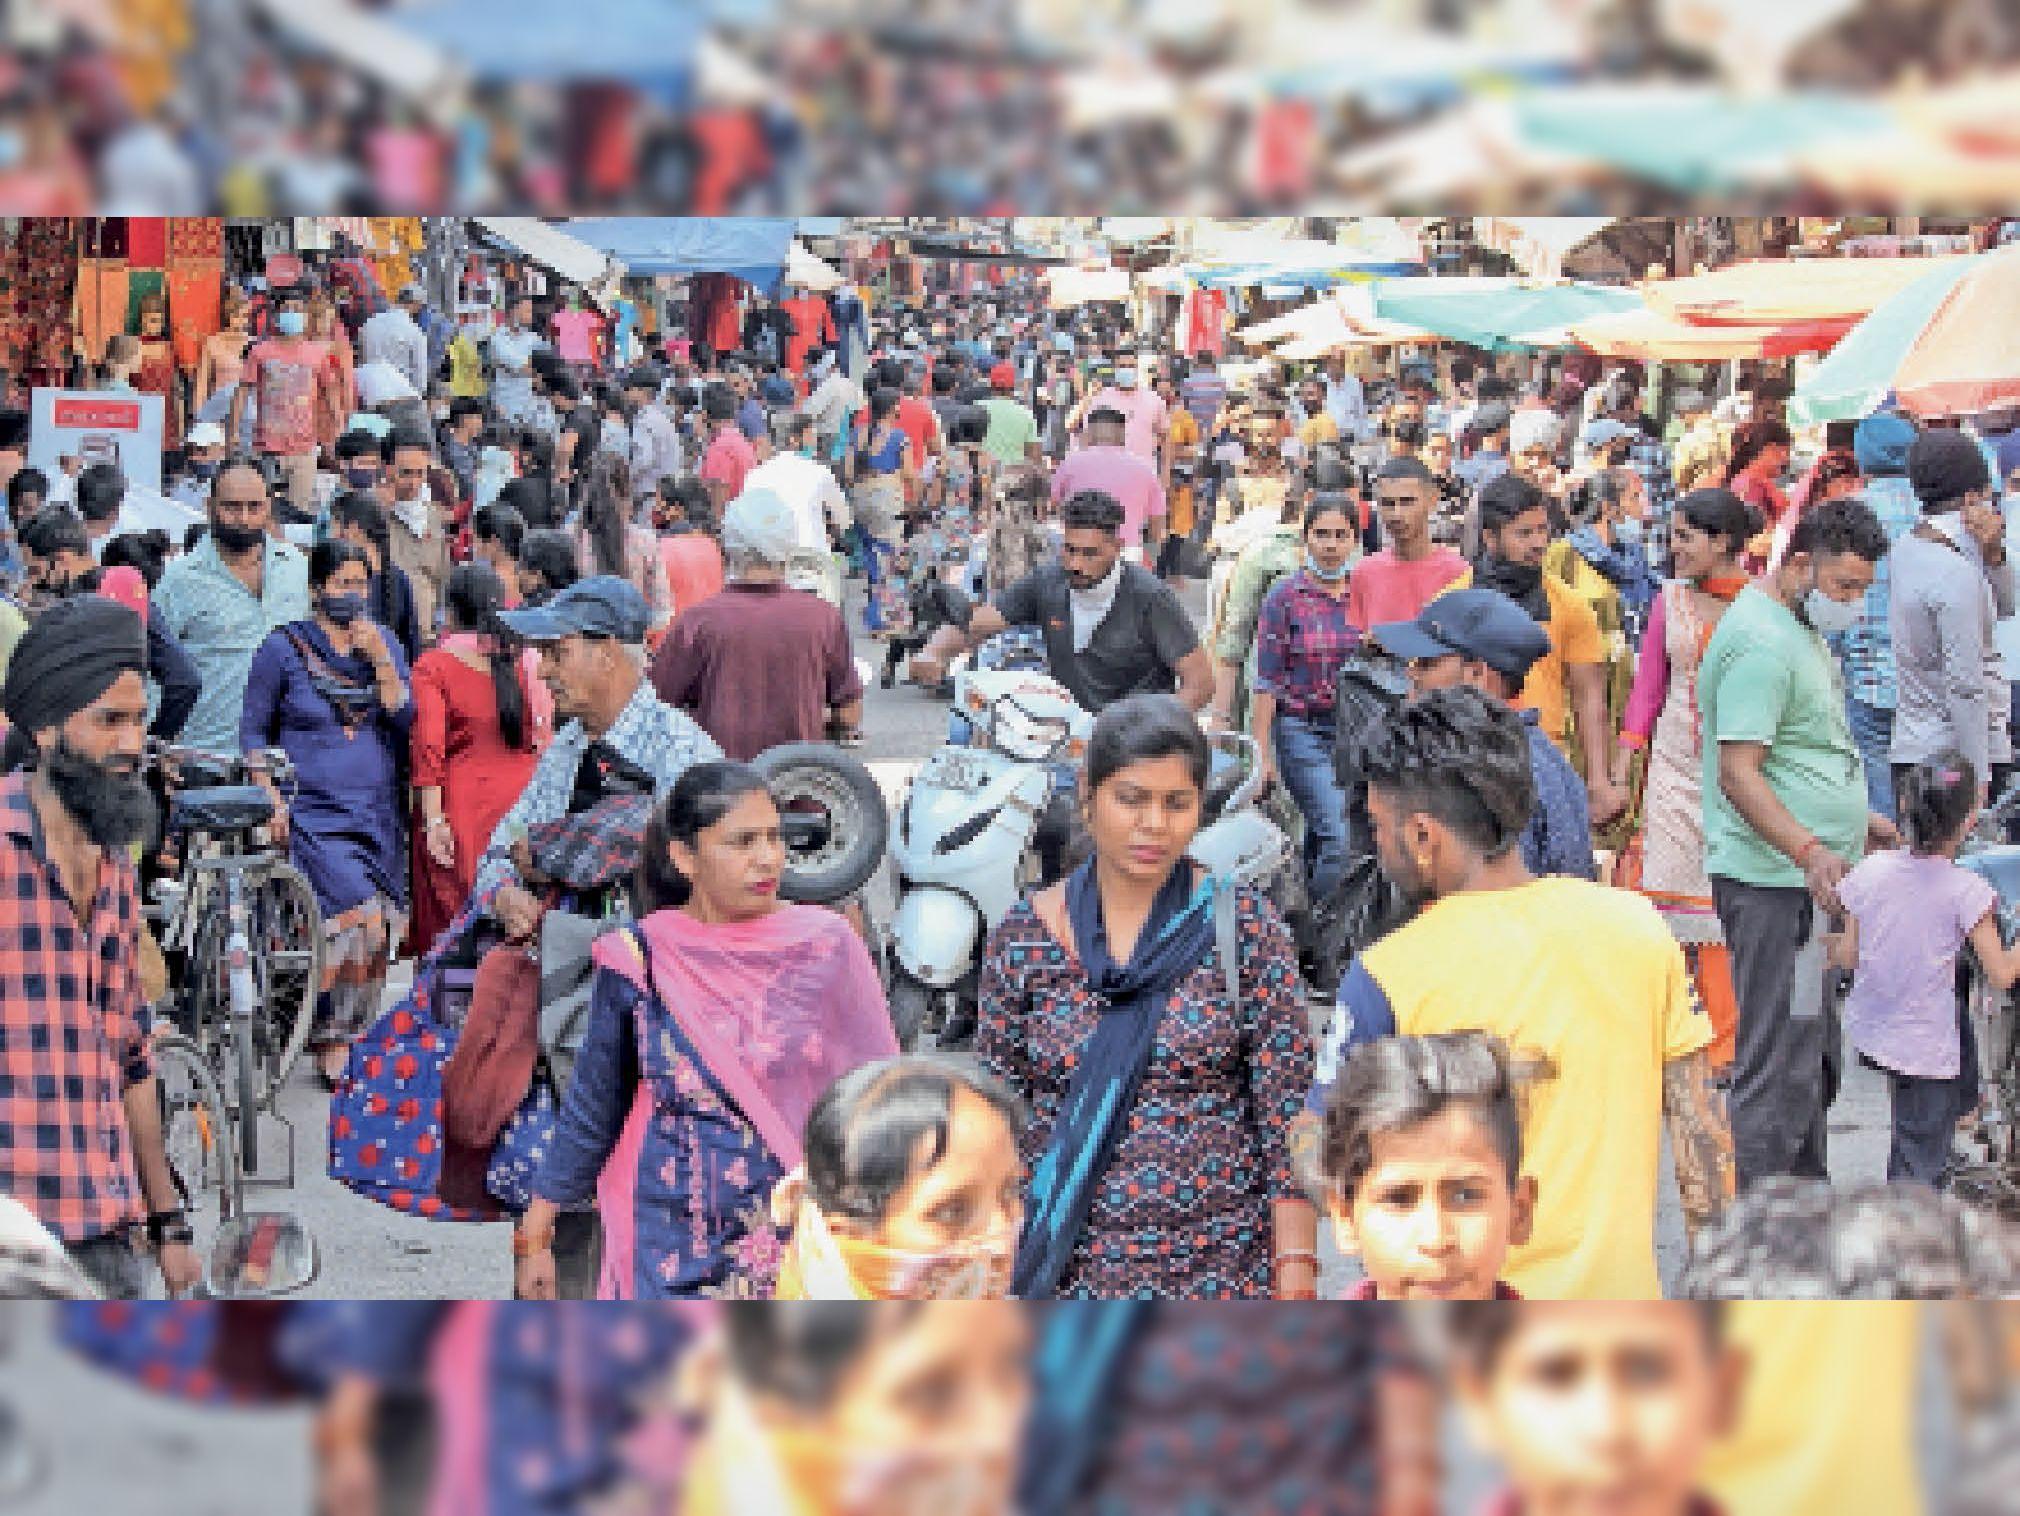 सात दिन में 2800 से ज्यादा संक्रमित, 29 की मौत और इधर|जालंधर,Jalandhar - Dainik Bhaskar